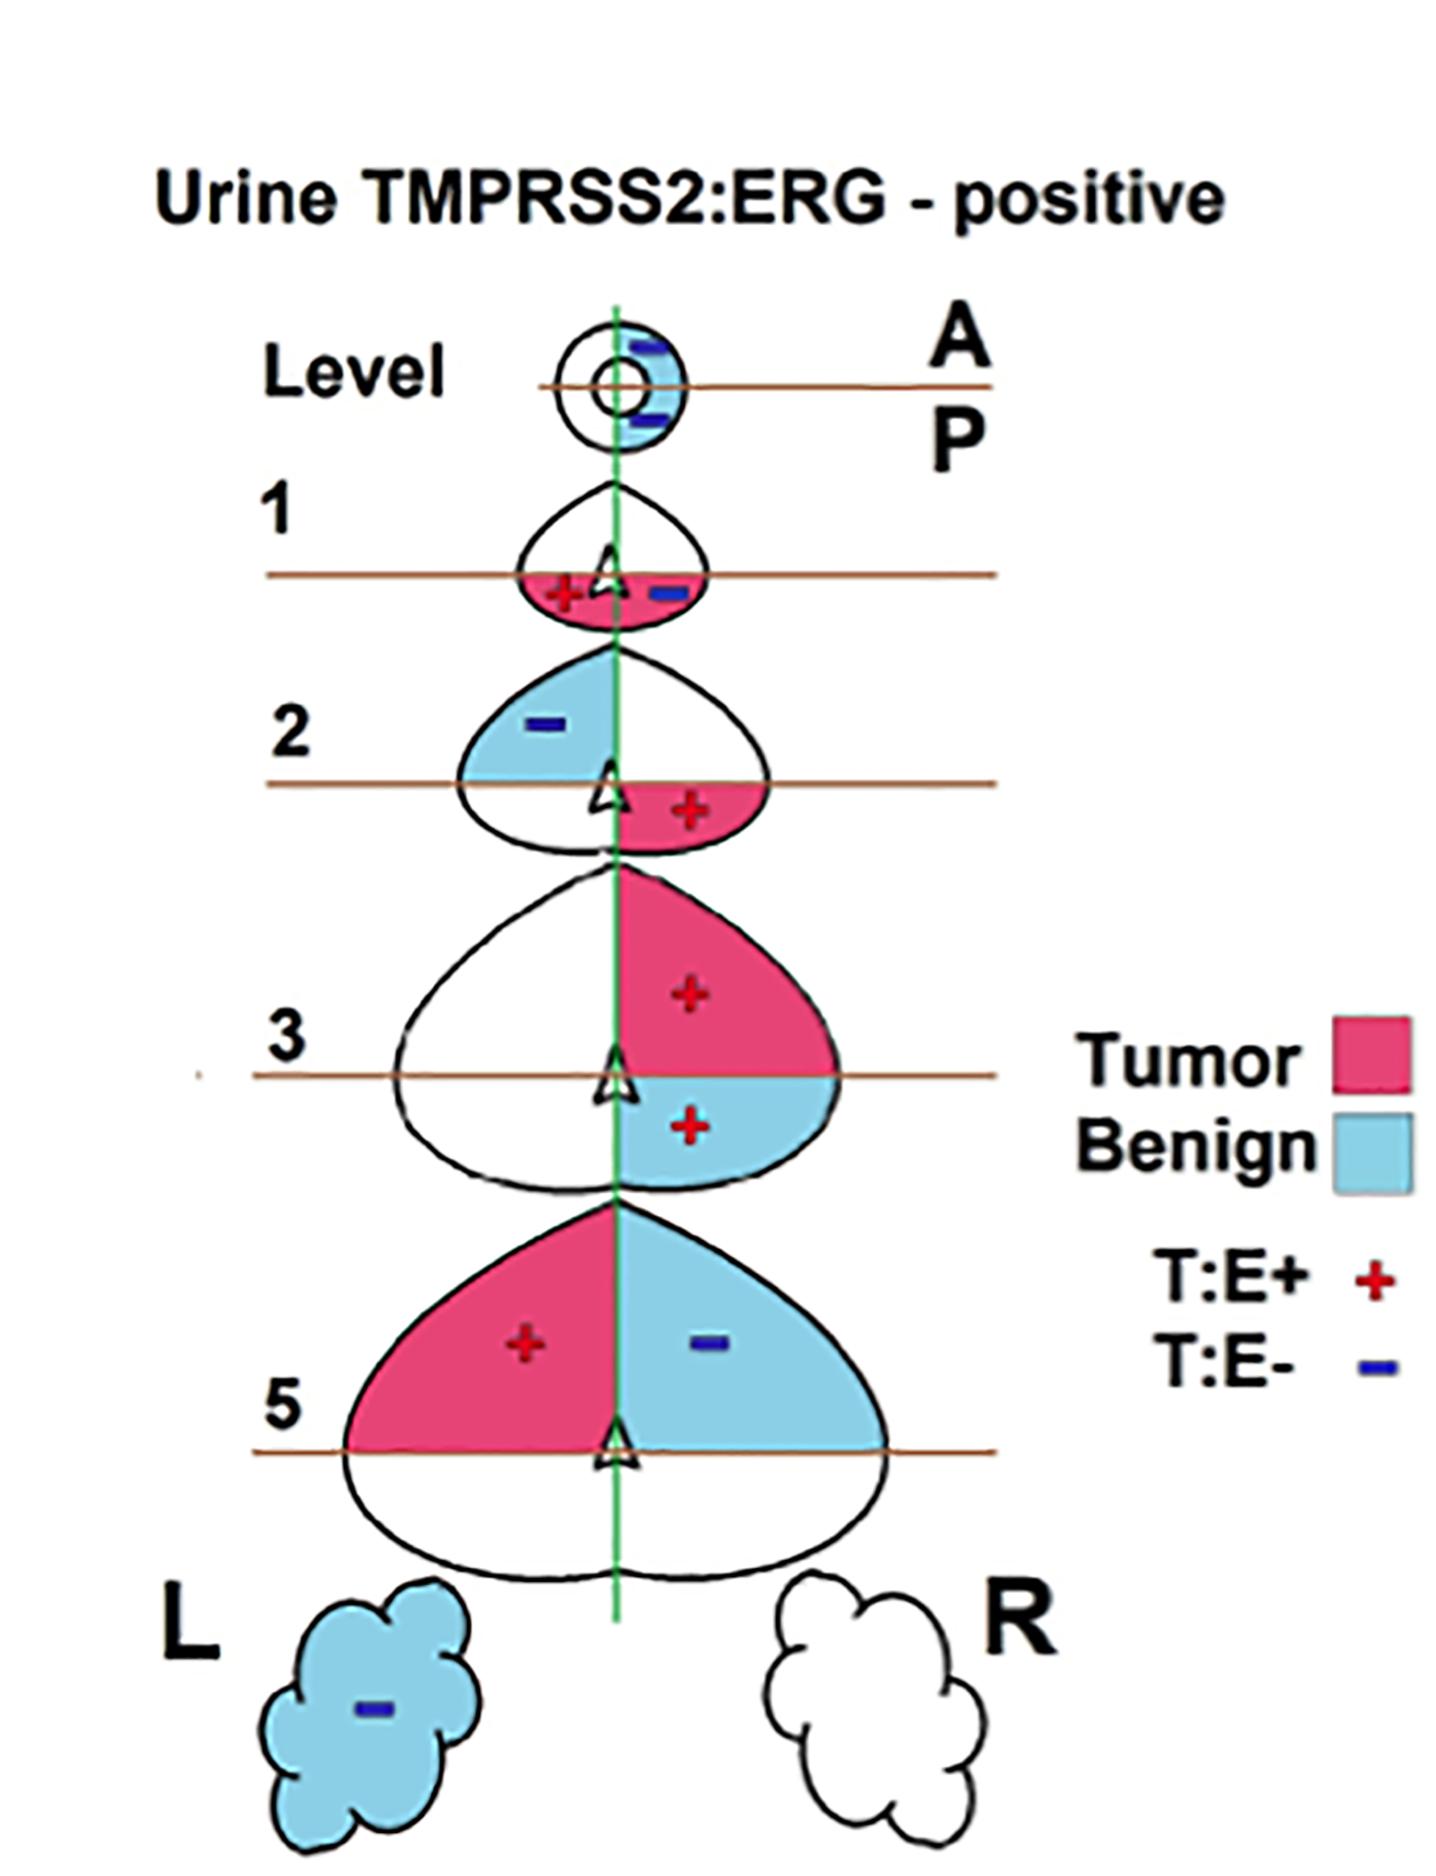 尿液外泌体可对前列腺癌进行非侵入性评价